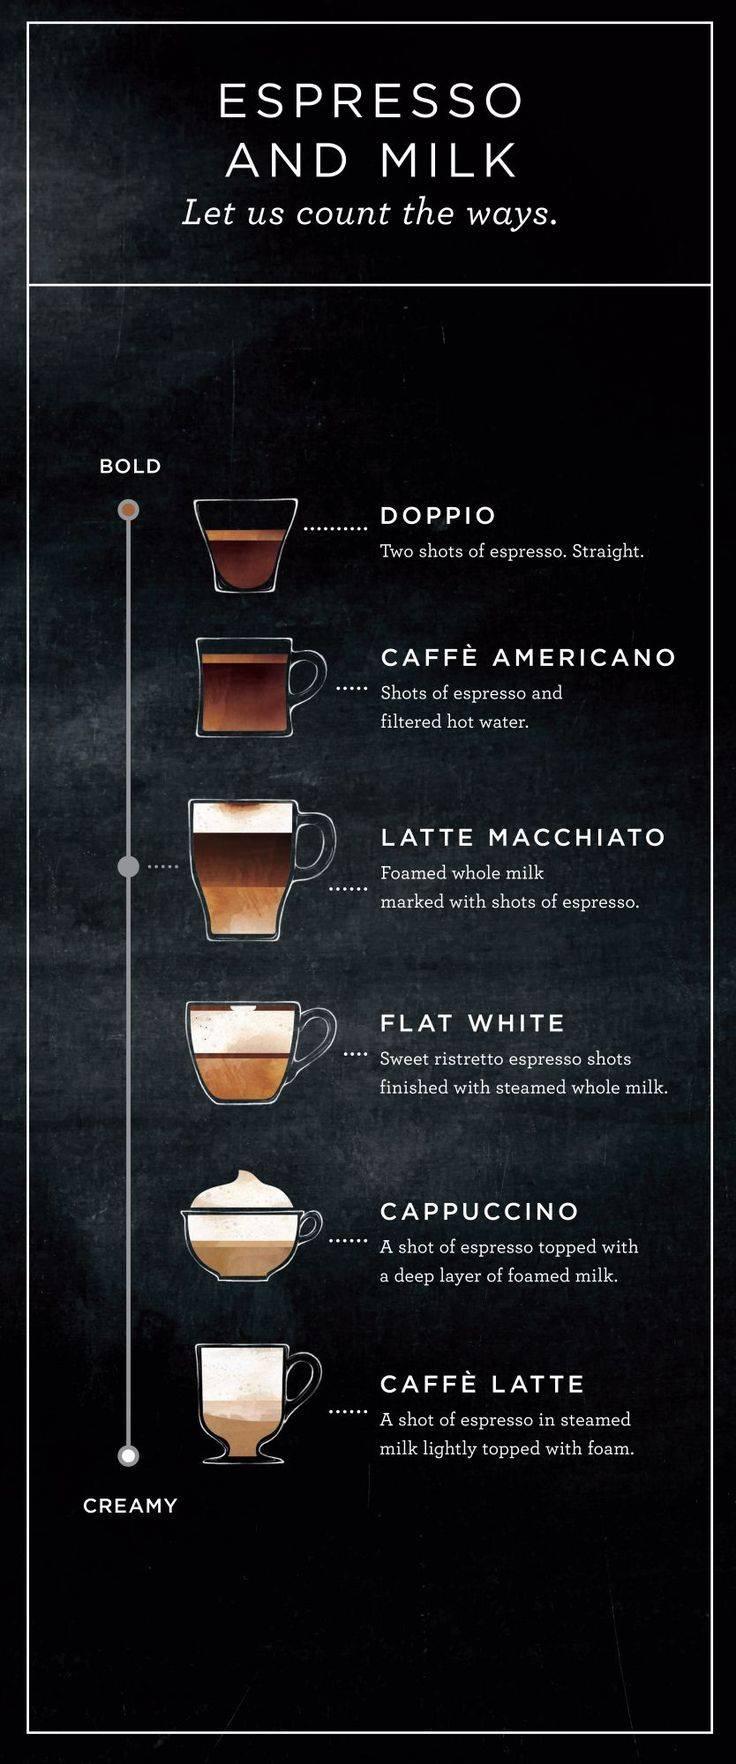 Кофе флэт уайт